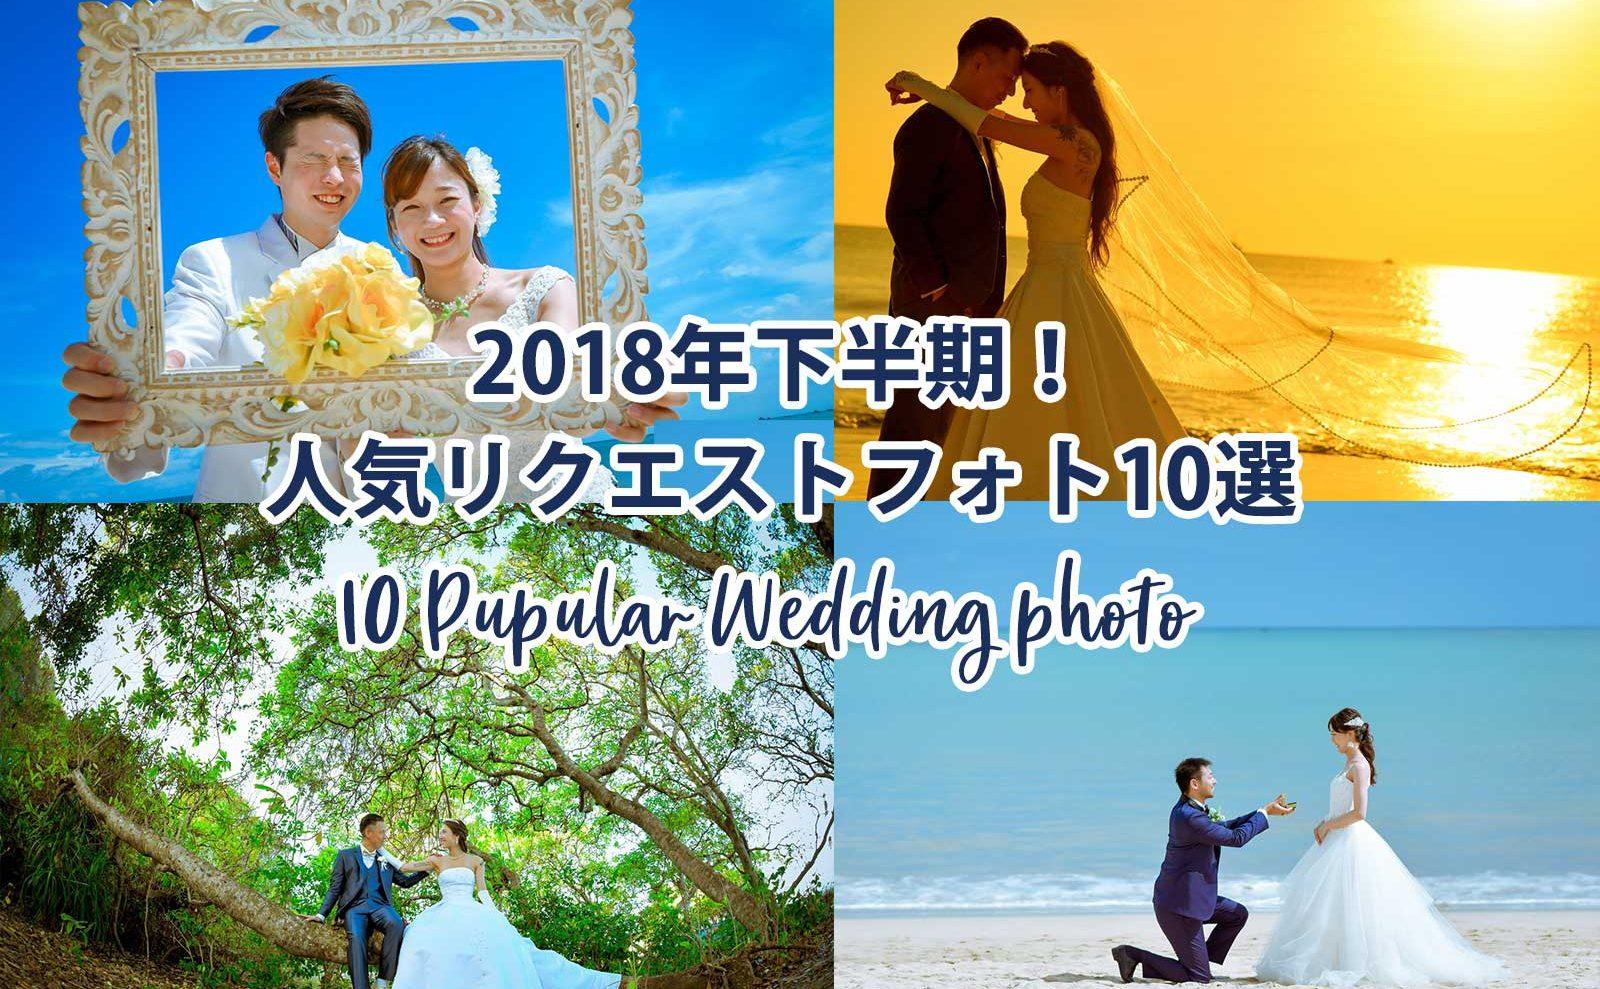 2018年下半期!花嫁様に人気のリクエストフォト10選 〜10 Popular wedding photos〜